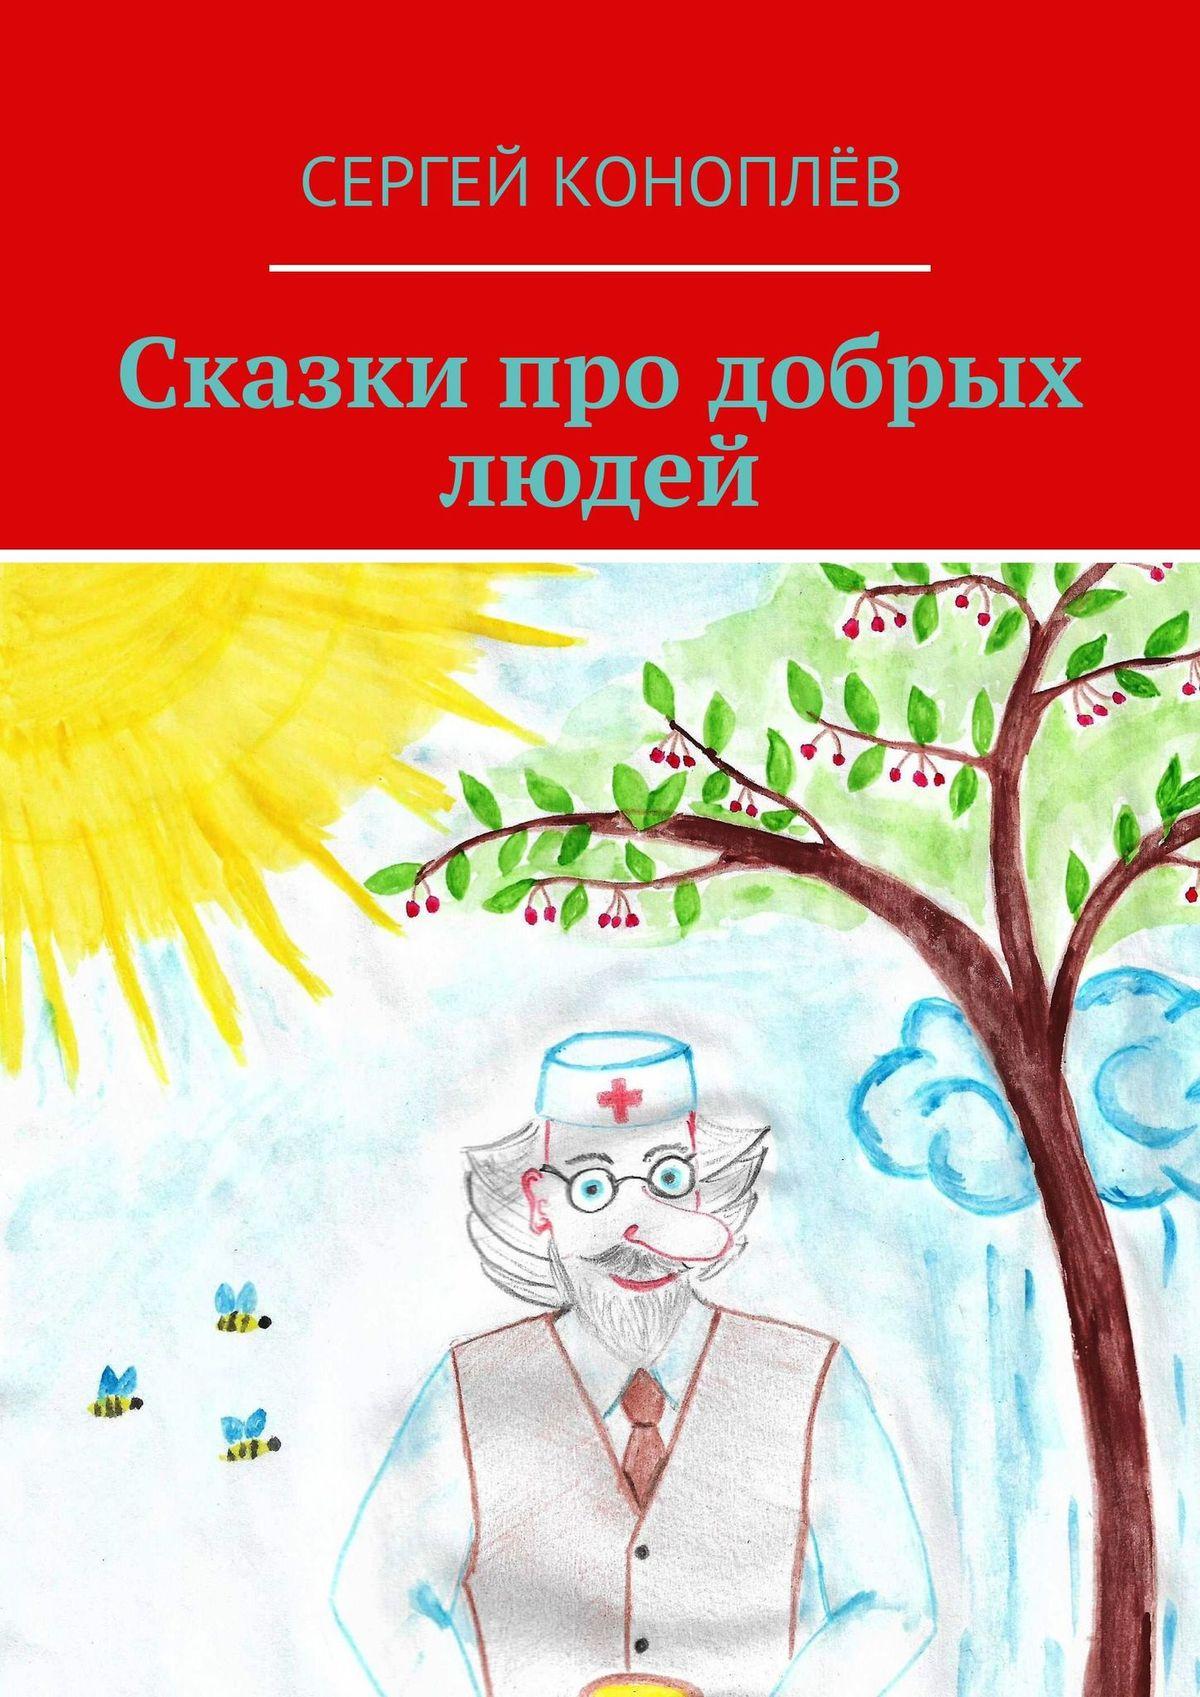 Сергей Коноплёв Сказки про добрых людей